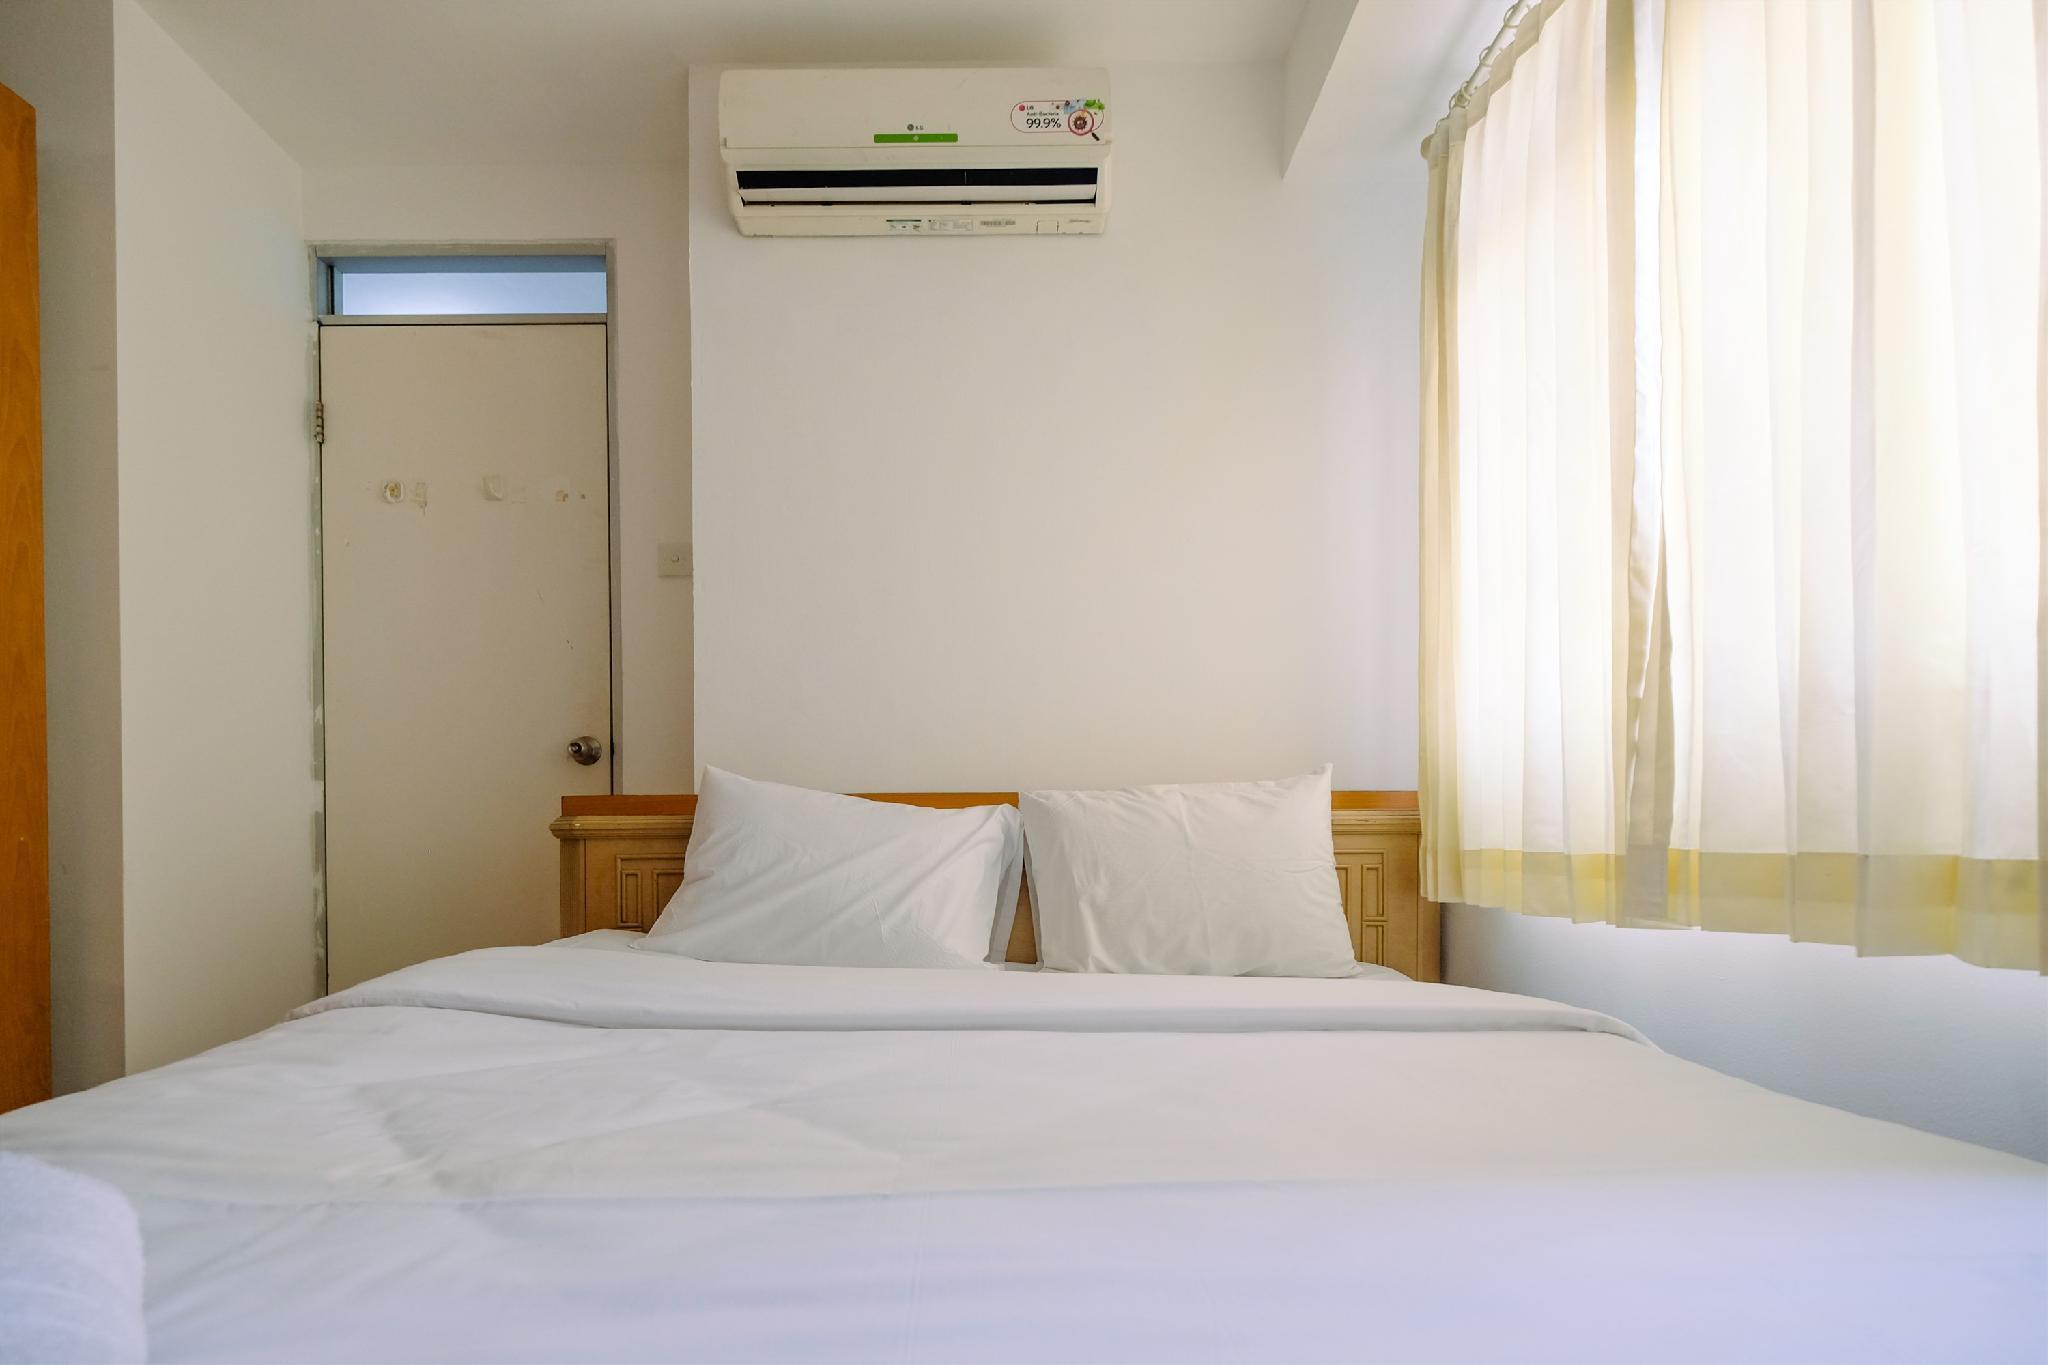 Cozy 2BR Apt At Gading Nias Residence By Travelio